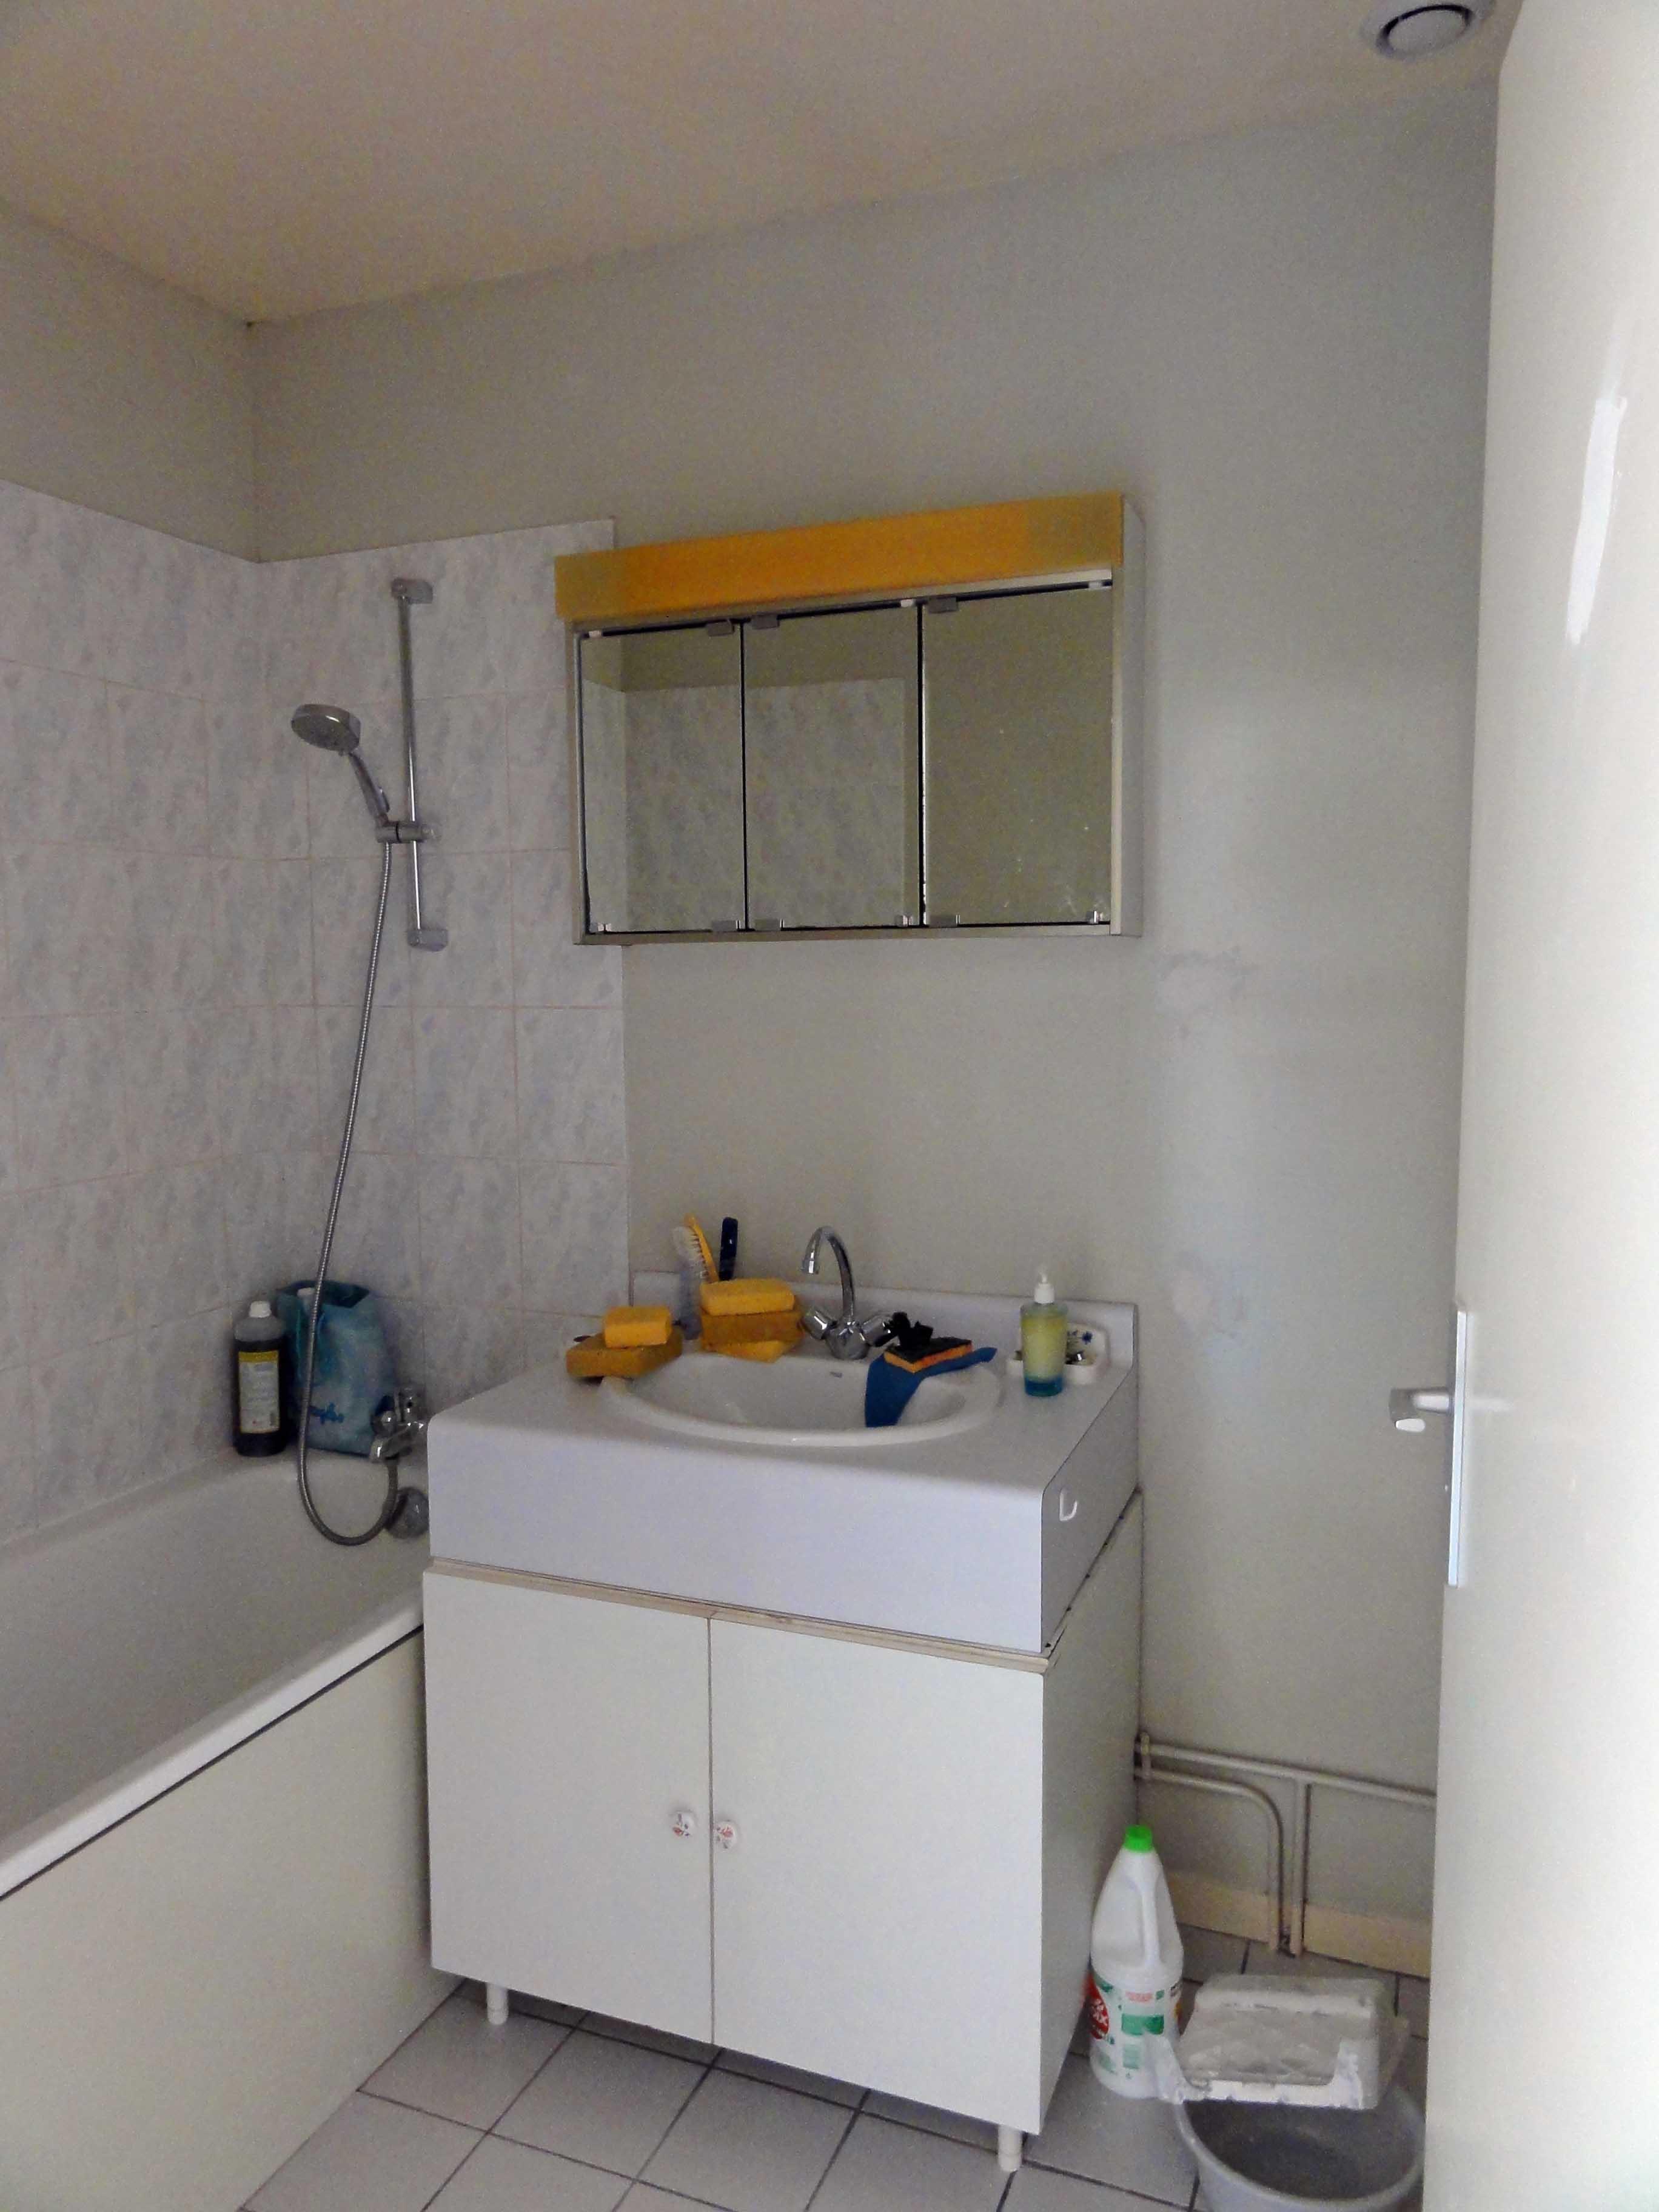 Avant les travaux, la porte battante (à droite) occupait 50% de l'espace libre au sol de la salle de bain avec baignoire.